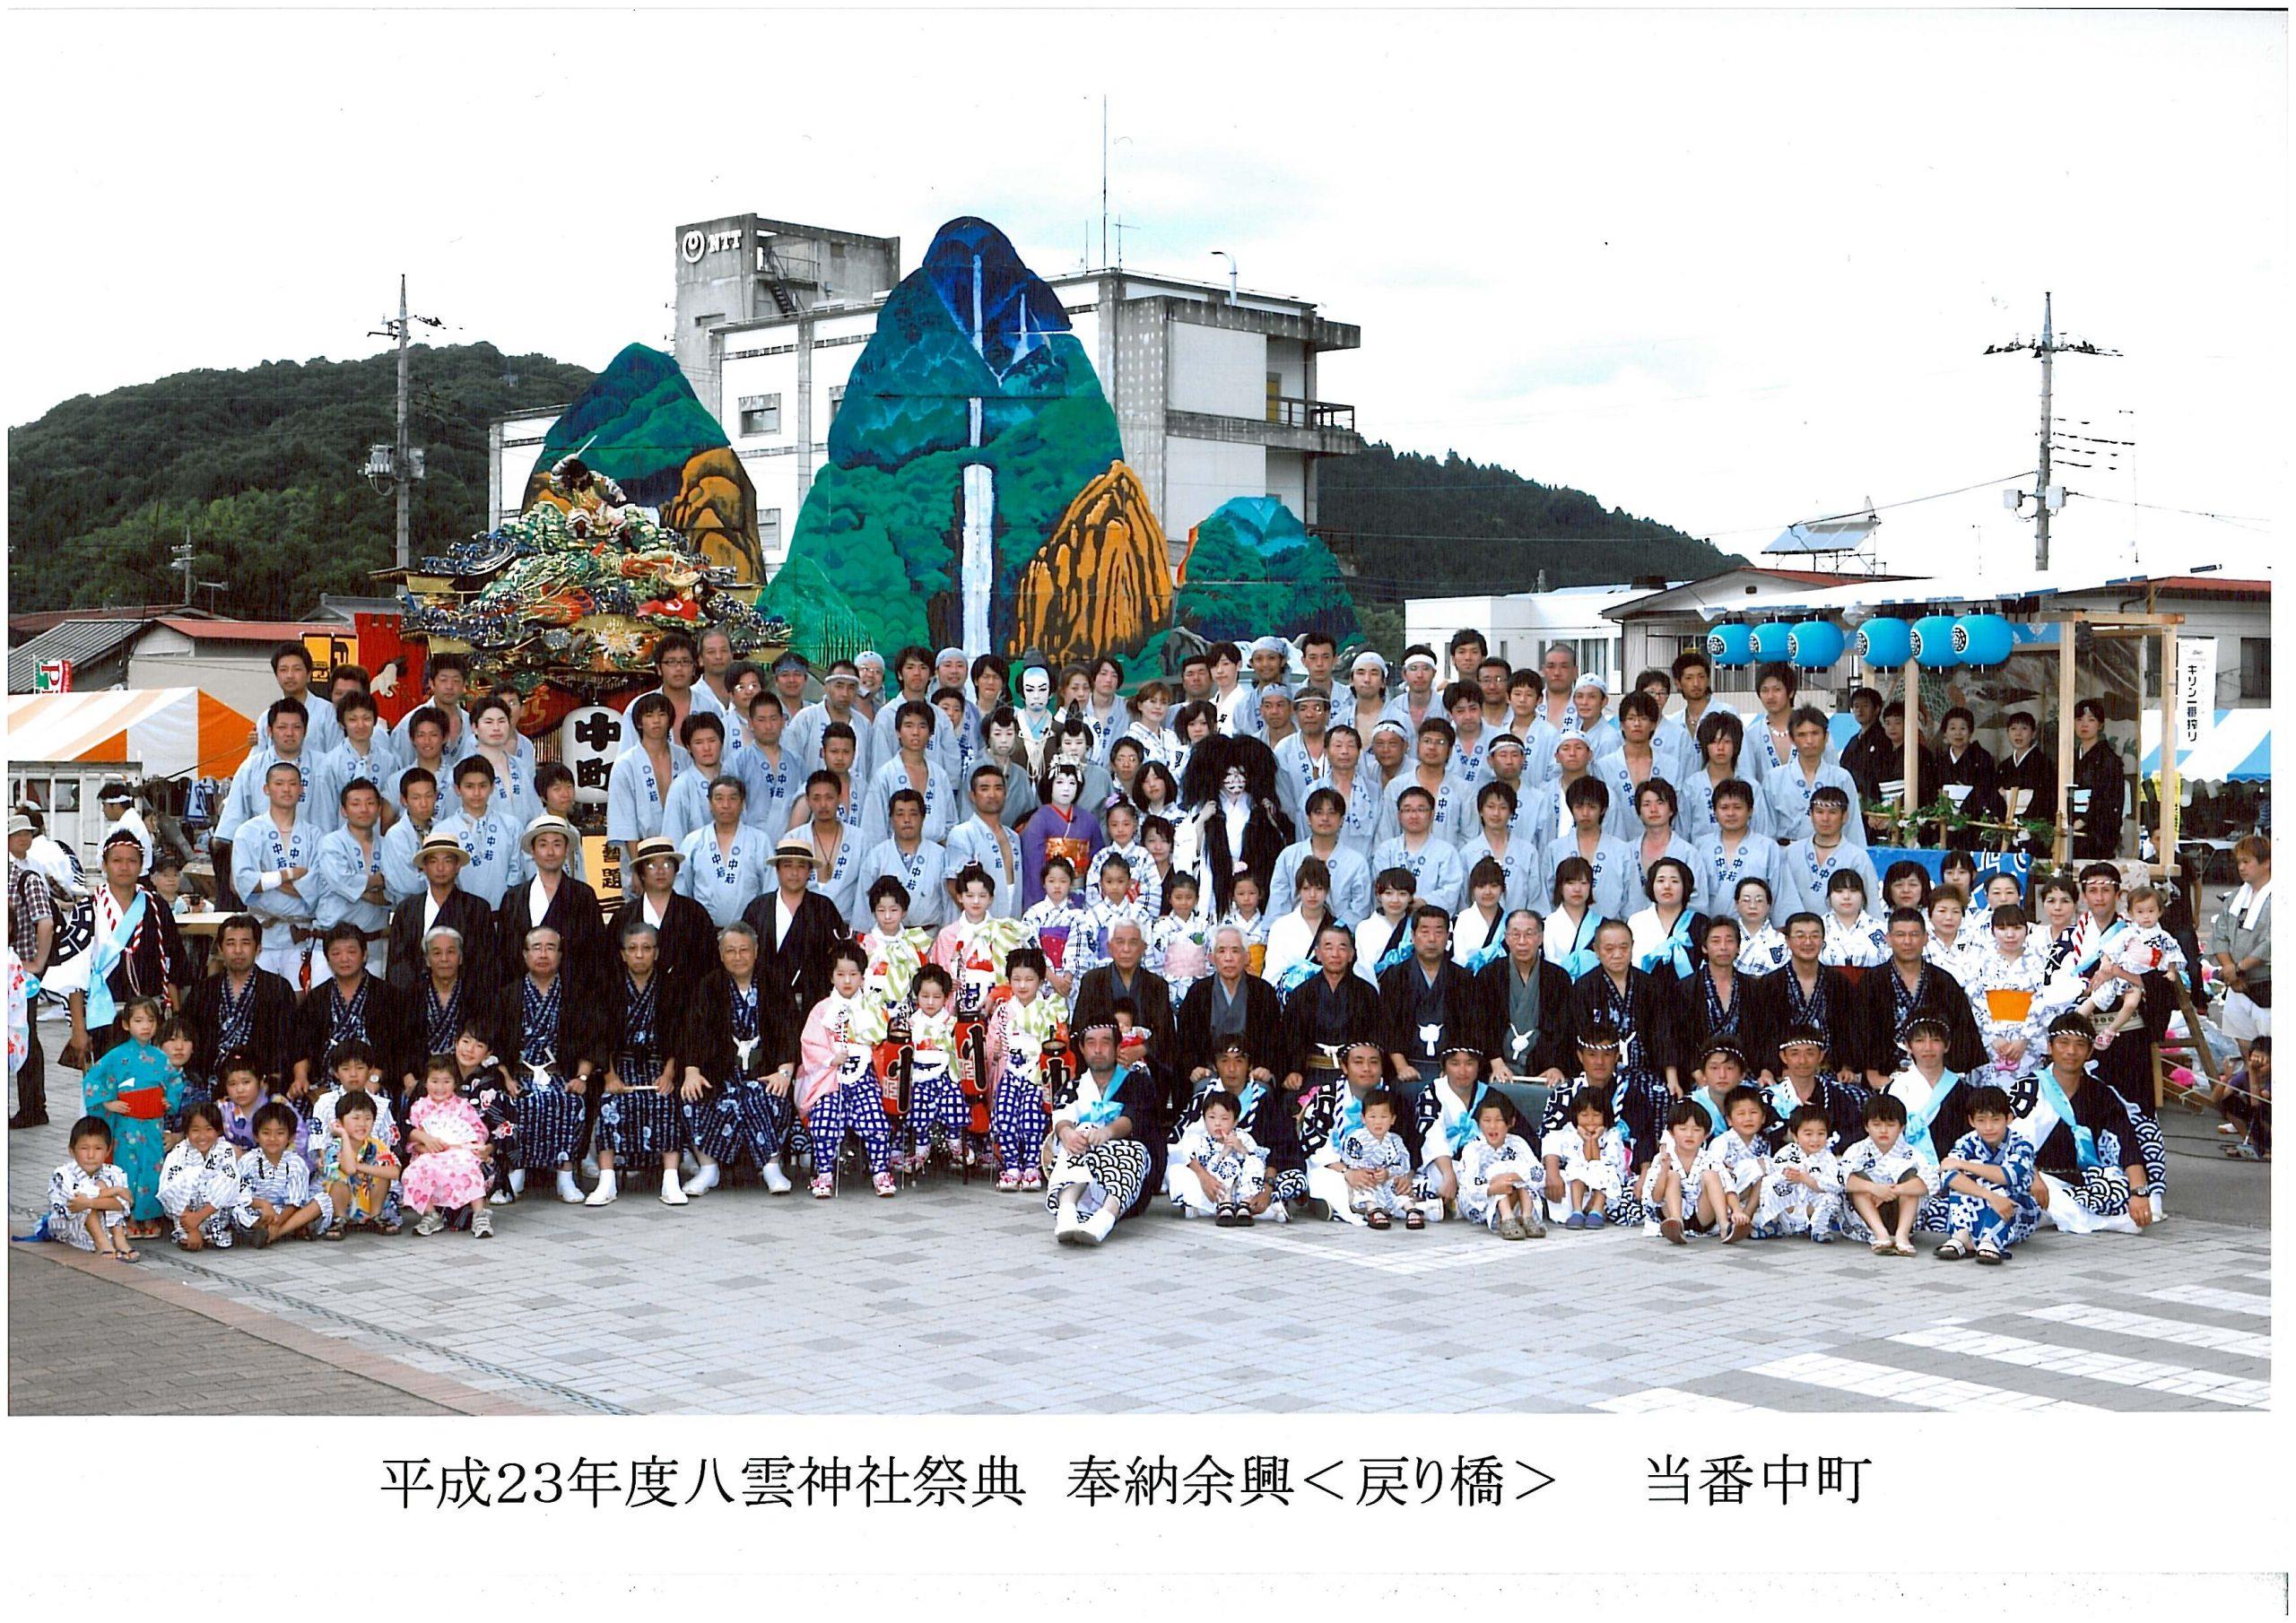 山あげ祭 仲町 集合写真 2011年